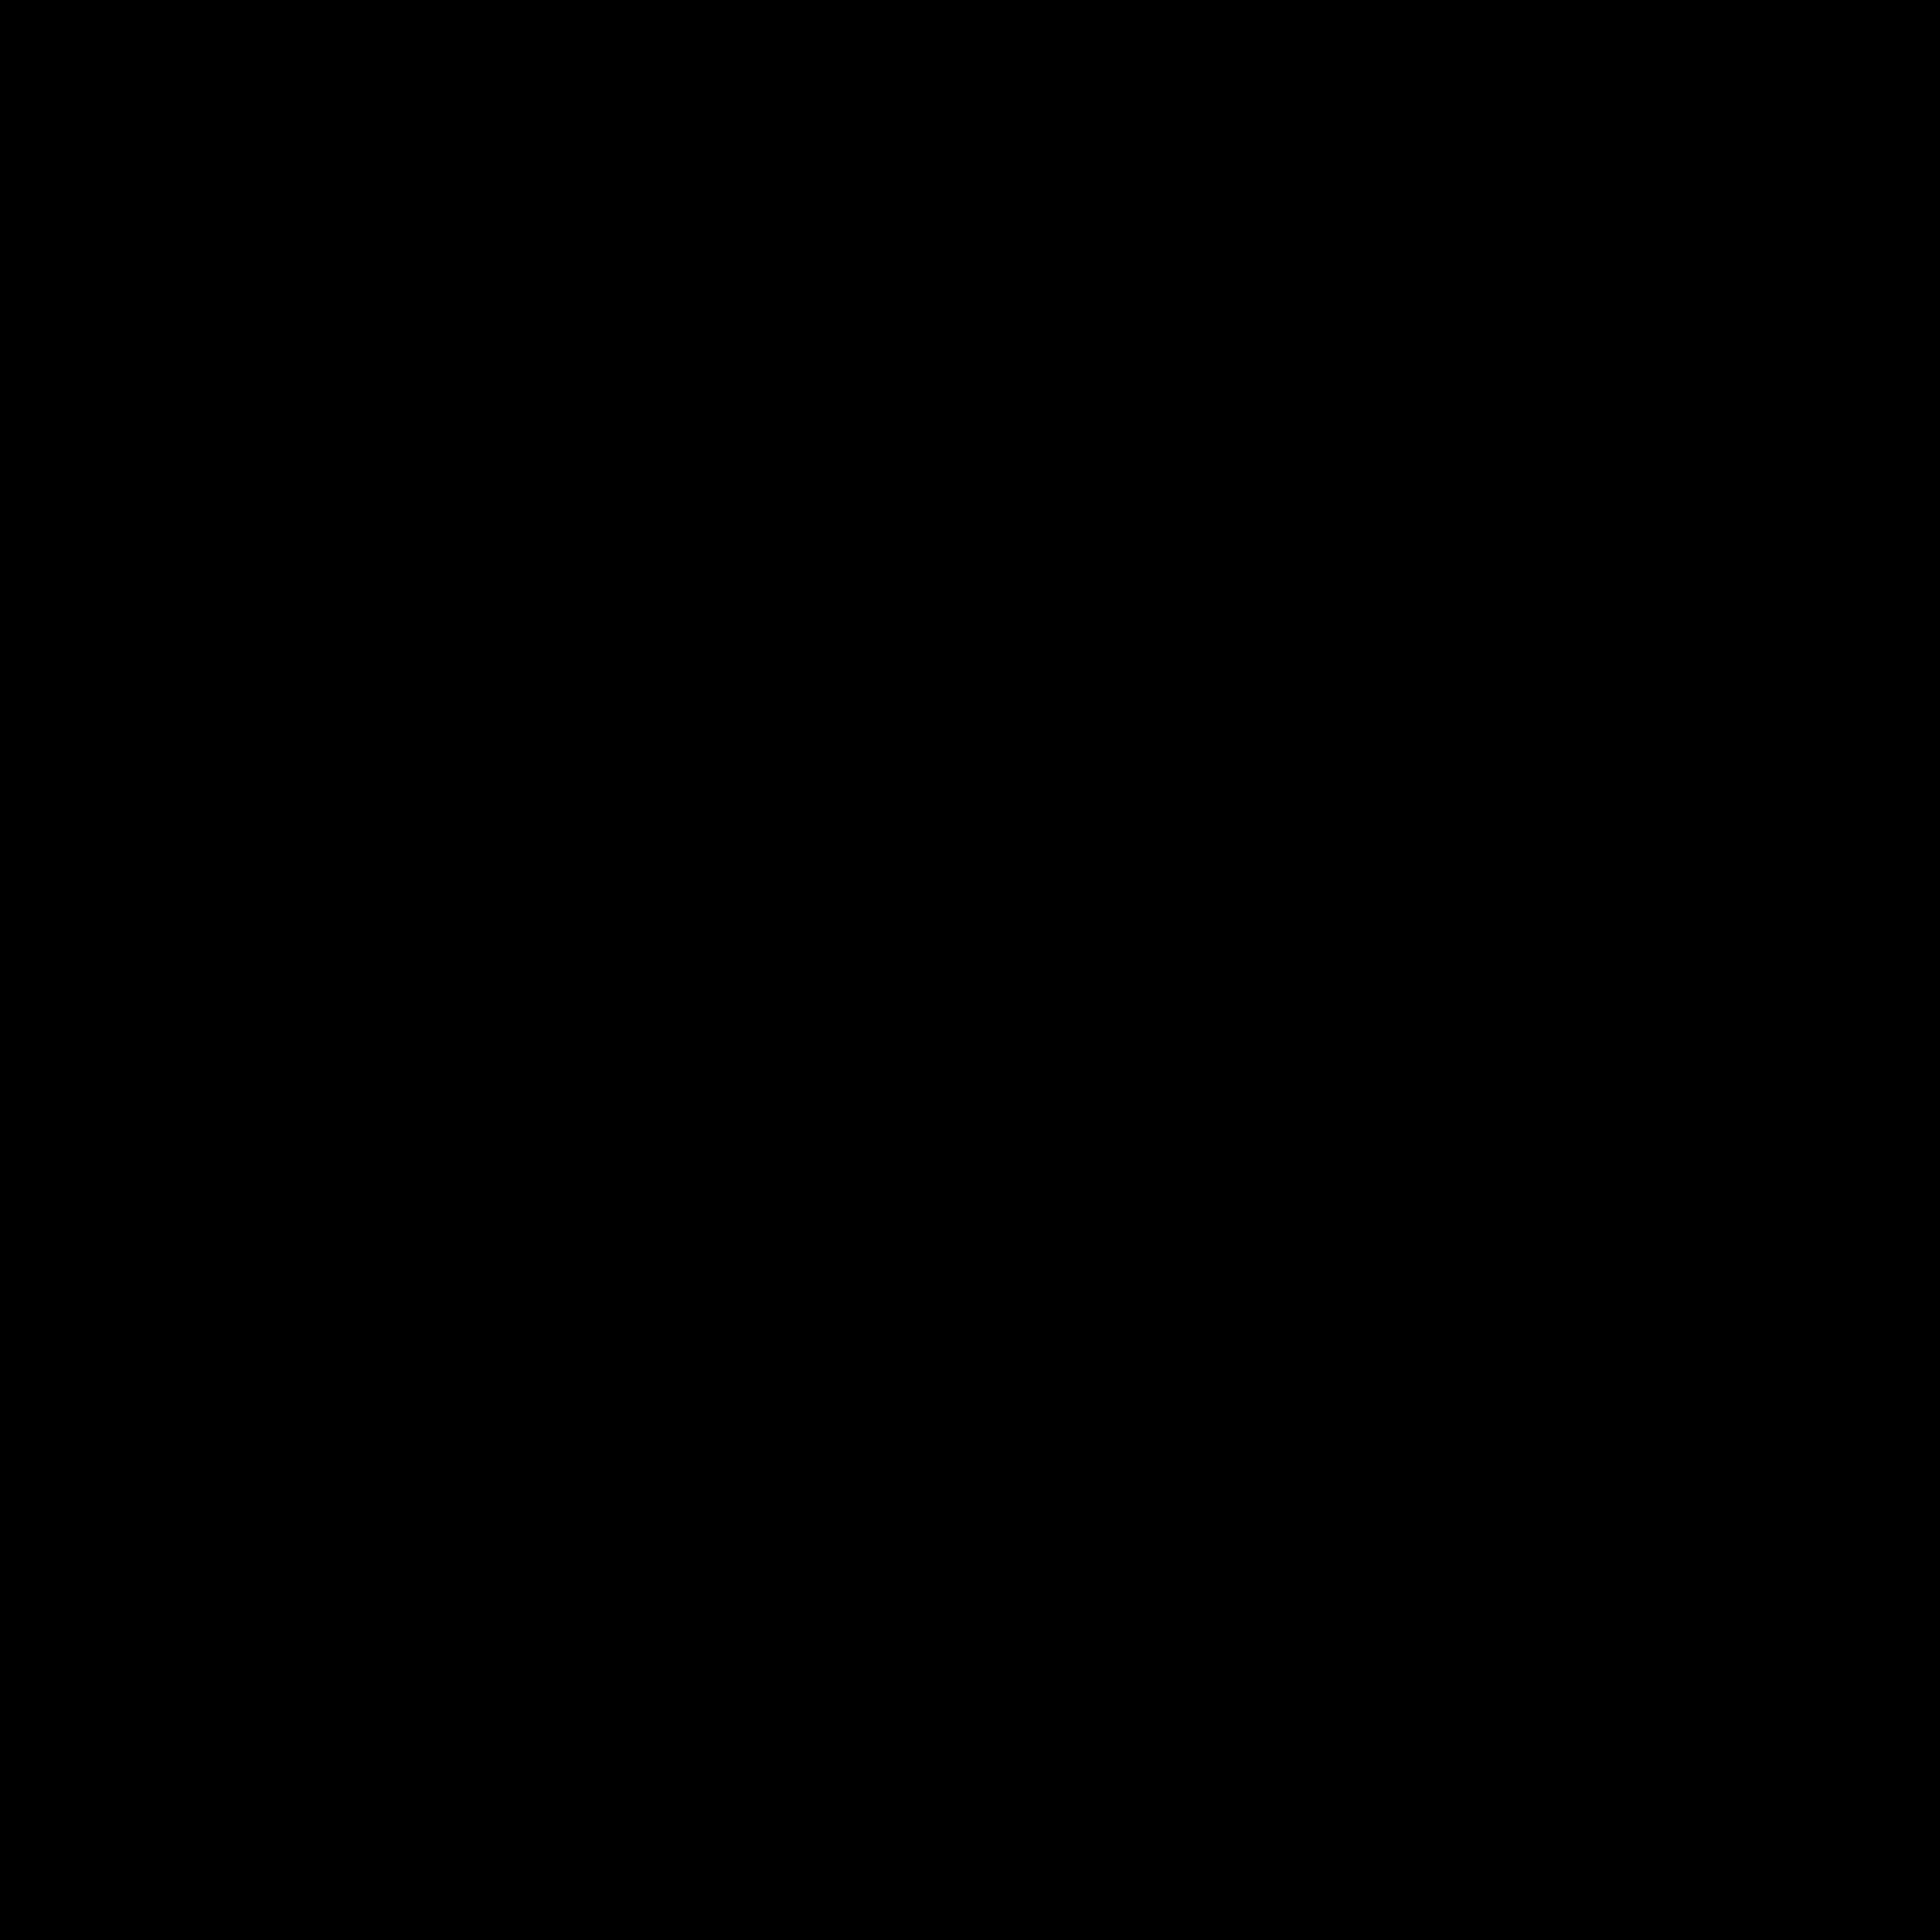 Davines Logo PNG Transparent & SVG Vector.